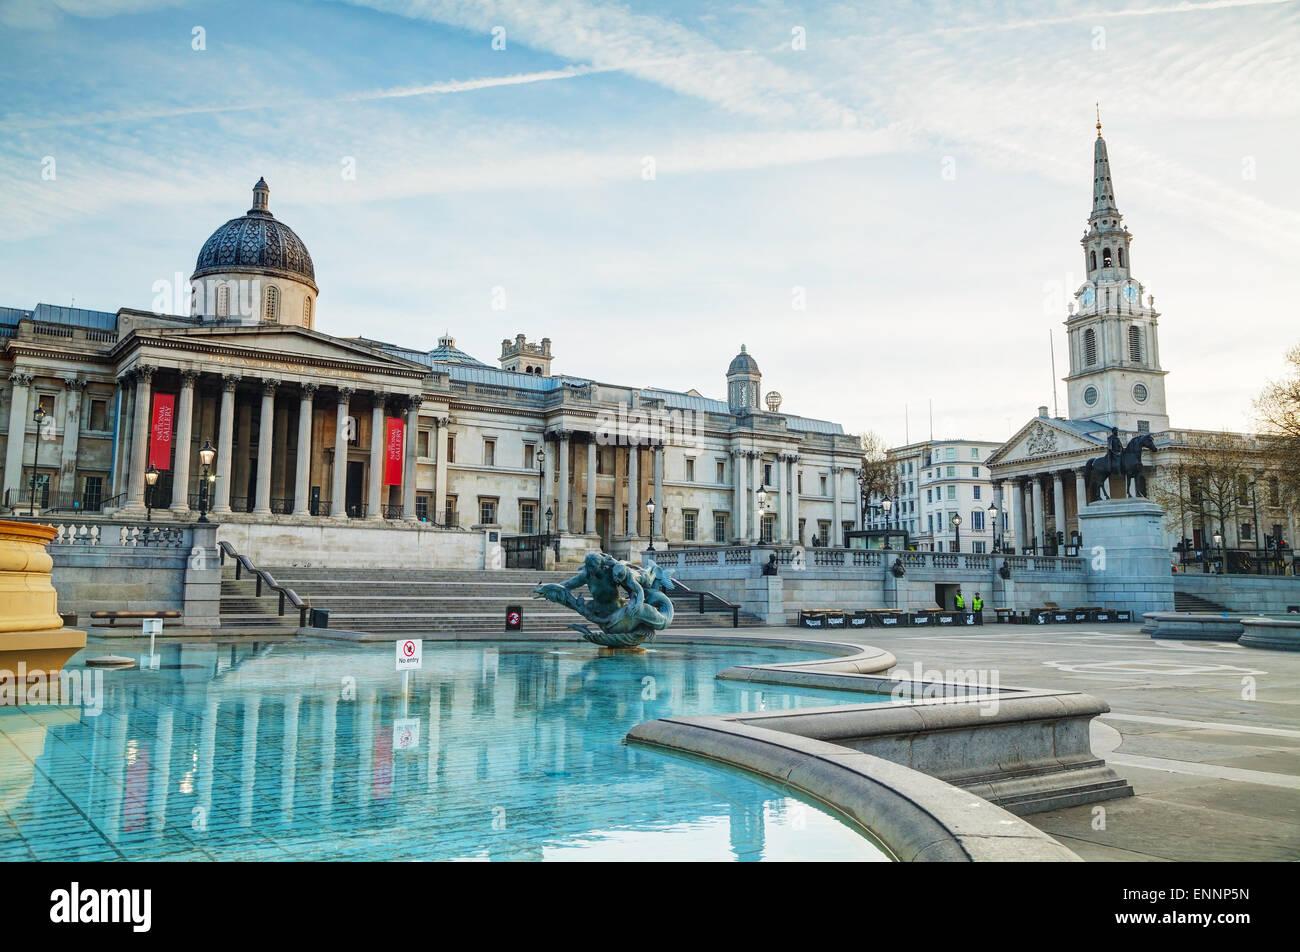 Londra - 12 aprile: Galleria Nazionale di Palazzo a Trafalgar Square il 12 aprile 2015 a Londra, Regno Unito. Fondata Immagini Stock